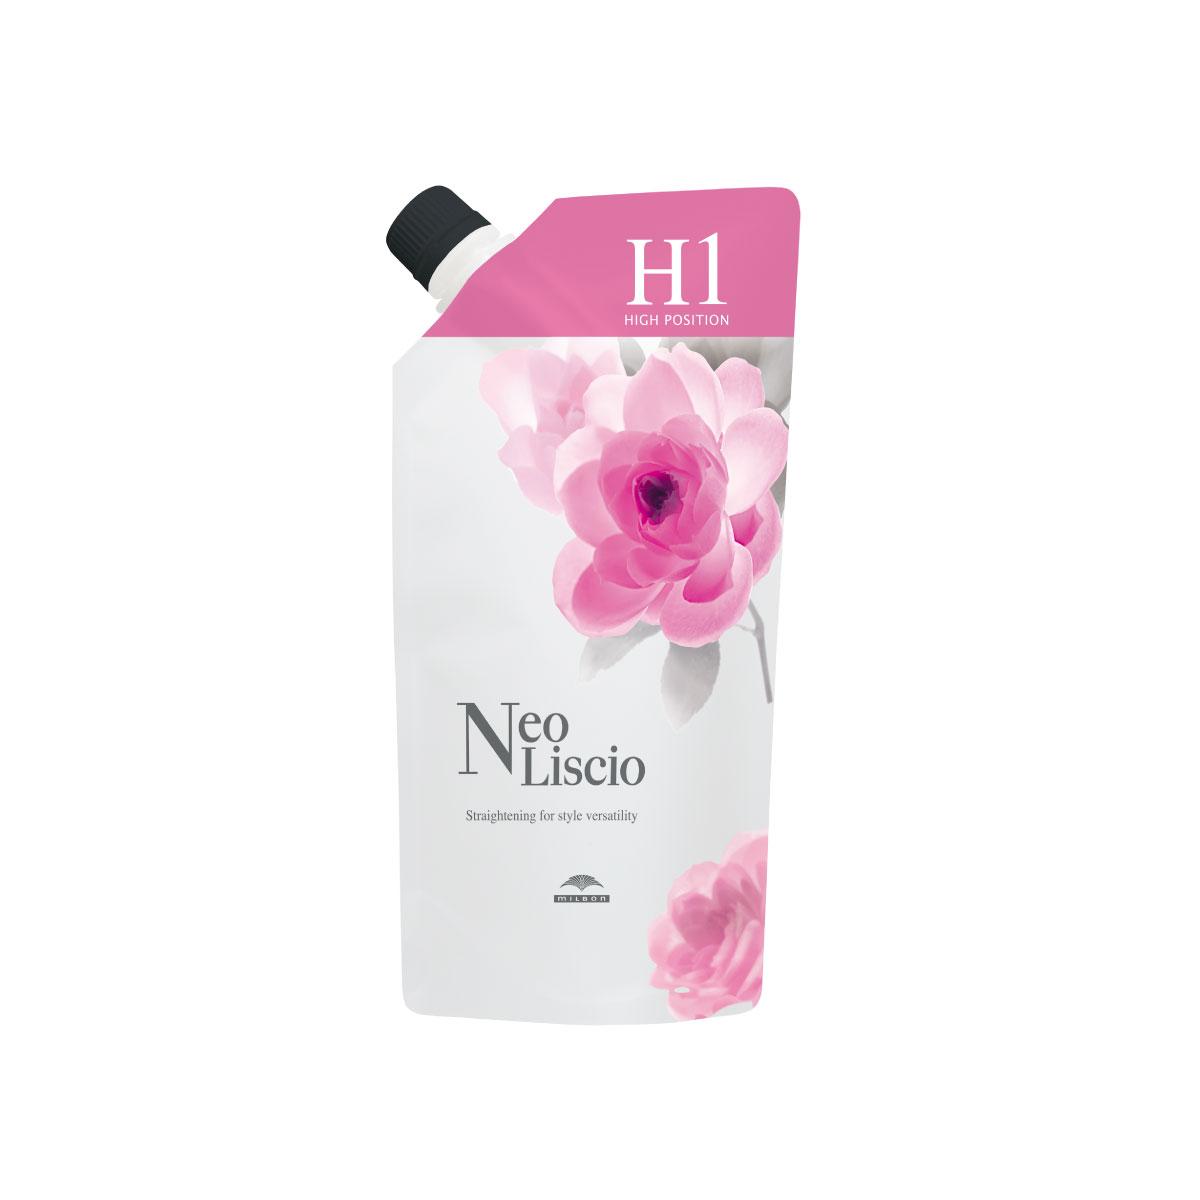 ミルボン ネオリシオ H1 (milbon neoliscio h1) image